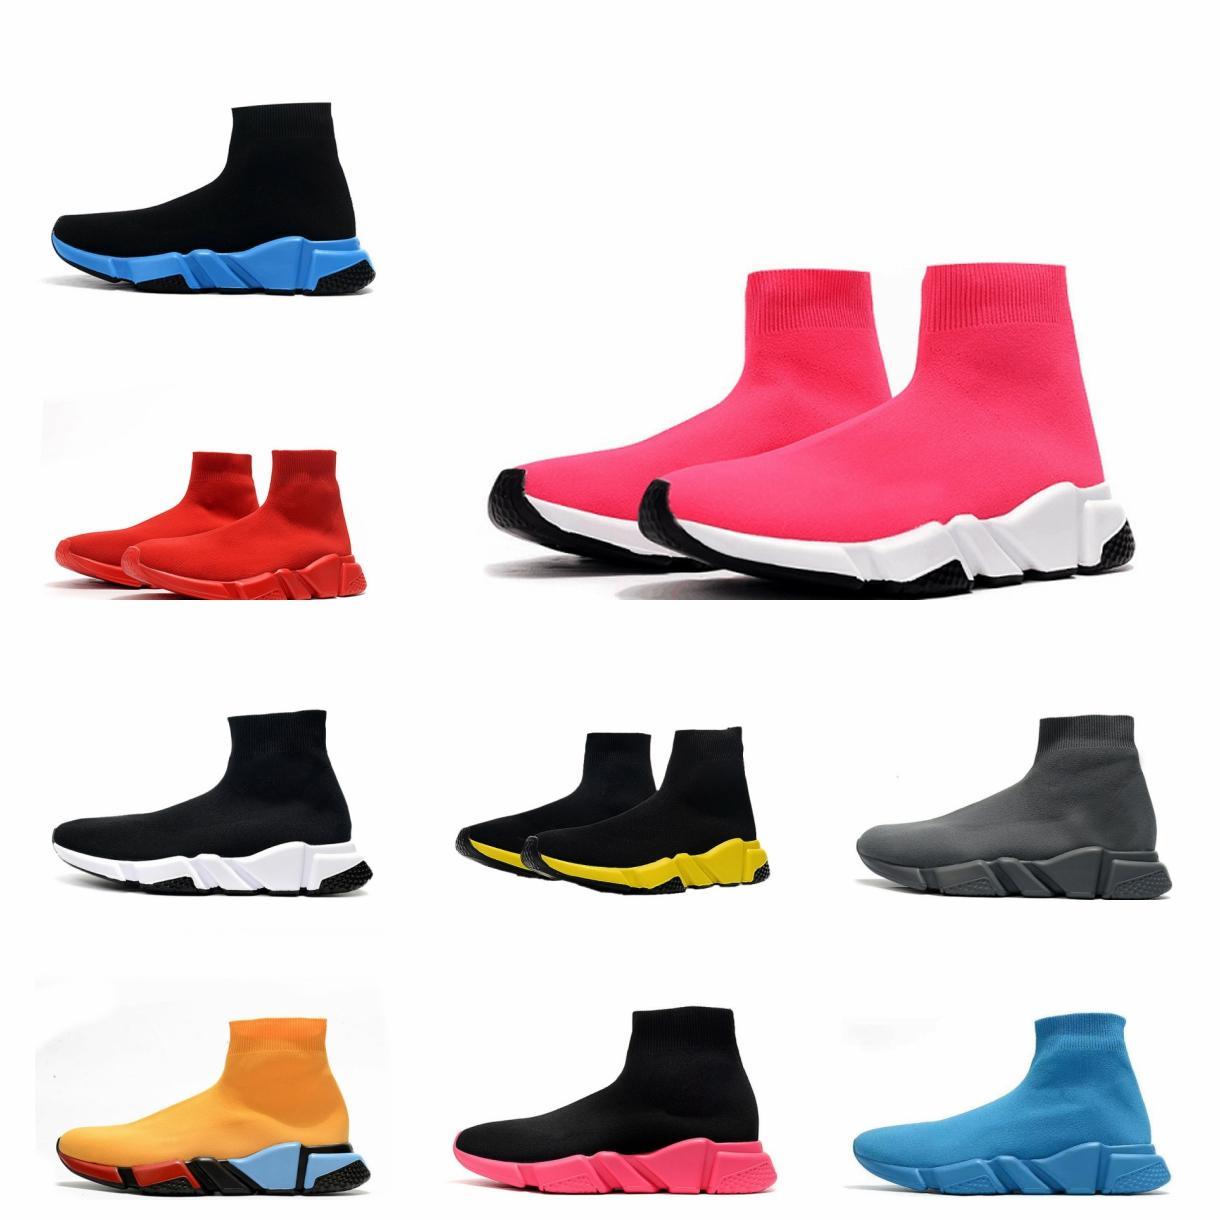 2021 Diseñador SOCK SPORT SPORT SPORT 1.0 Zapatos casuales Entrenadores de lujo Mujeres Mujeres para mujer Corredores Zapatillas de deporte de la moda SOCKS BOOTS Platform ClearSole Fluo Sneaker